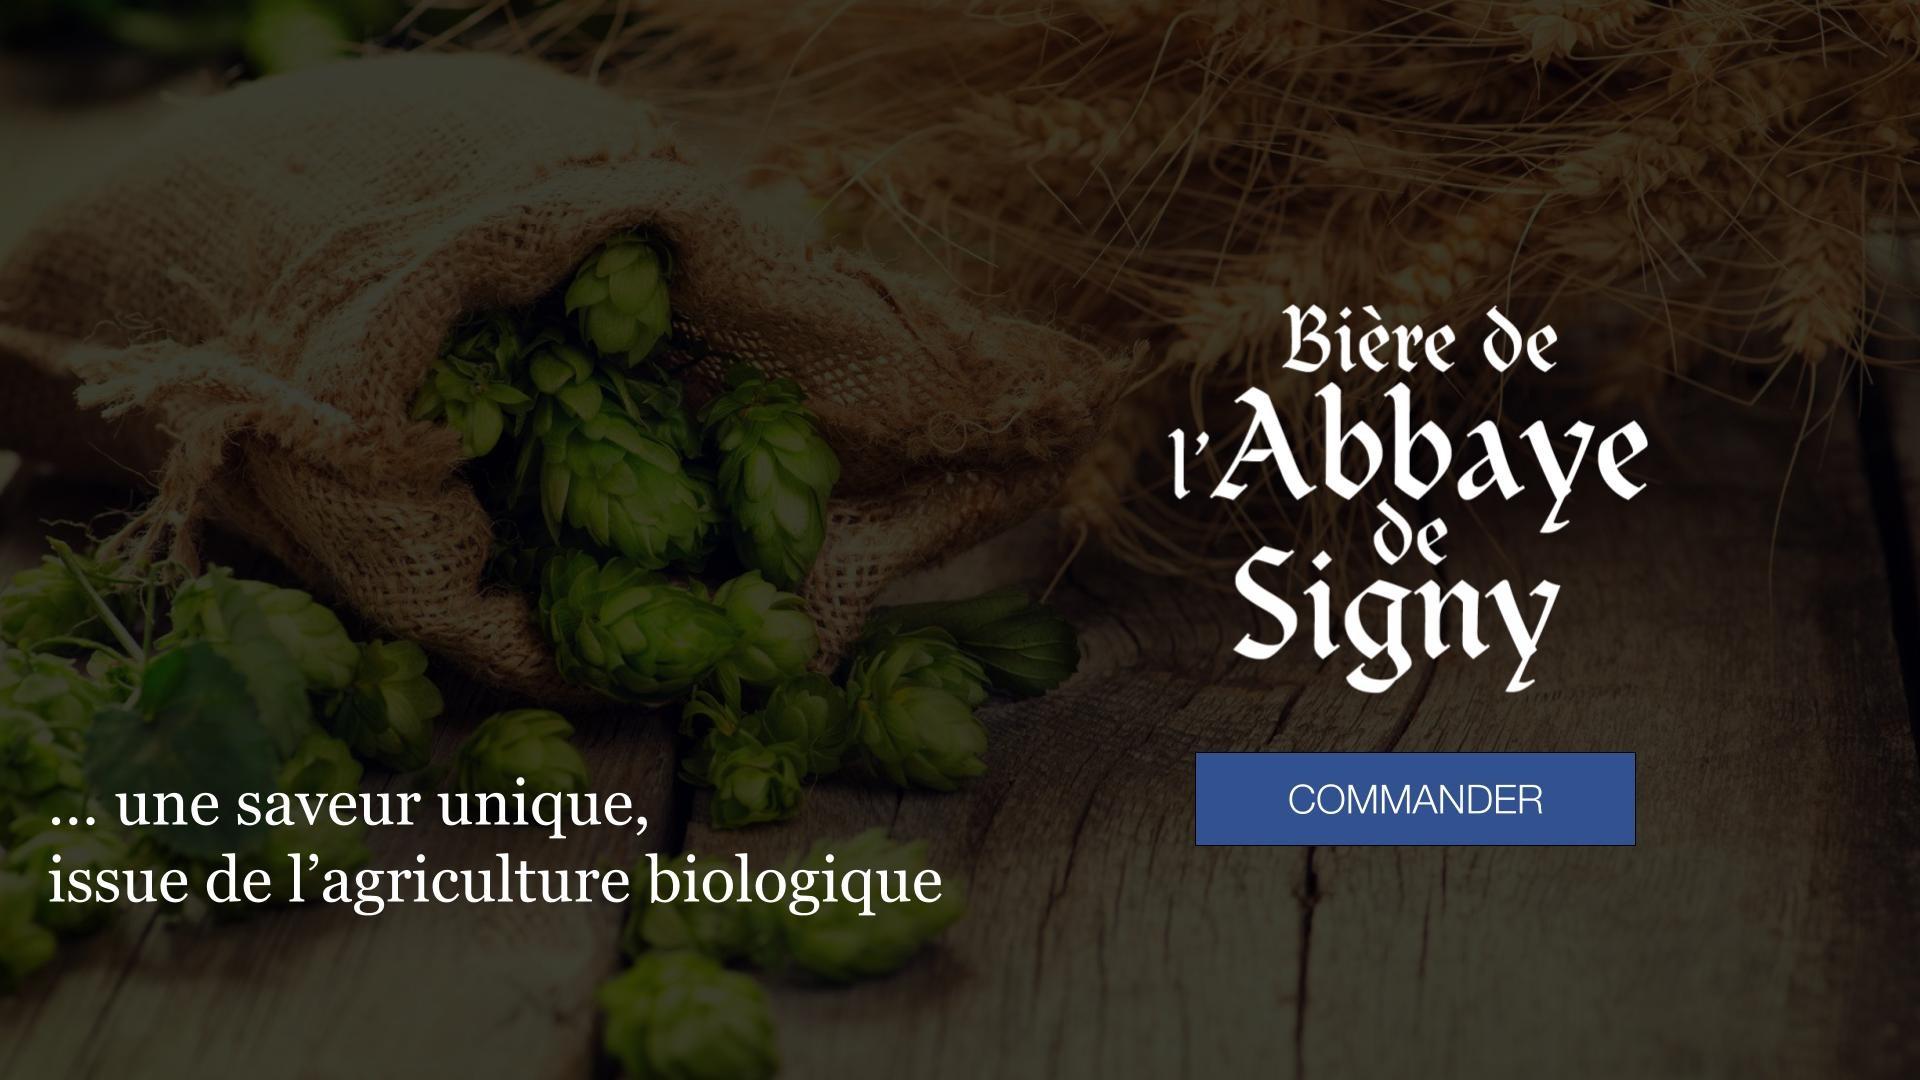 La bière de l'Abbaye de Signy est une bière bio : ses ingrédients (le houblon, le malt) sont issus de l'agriculture biologique